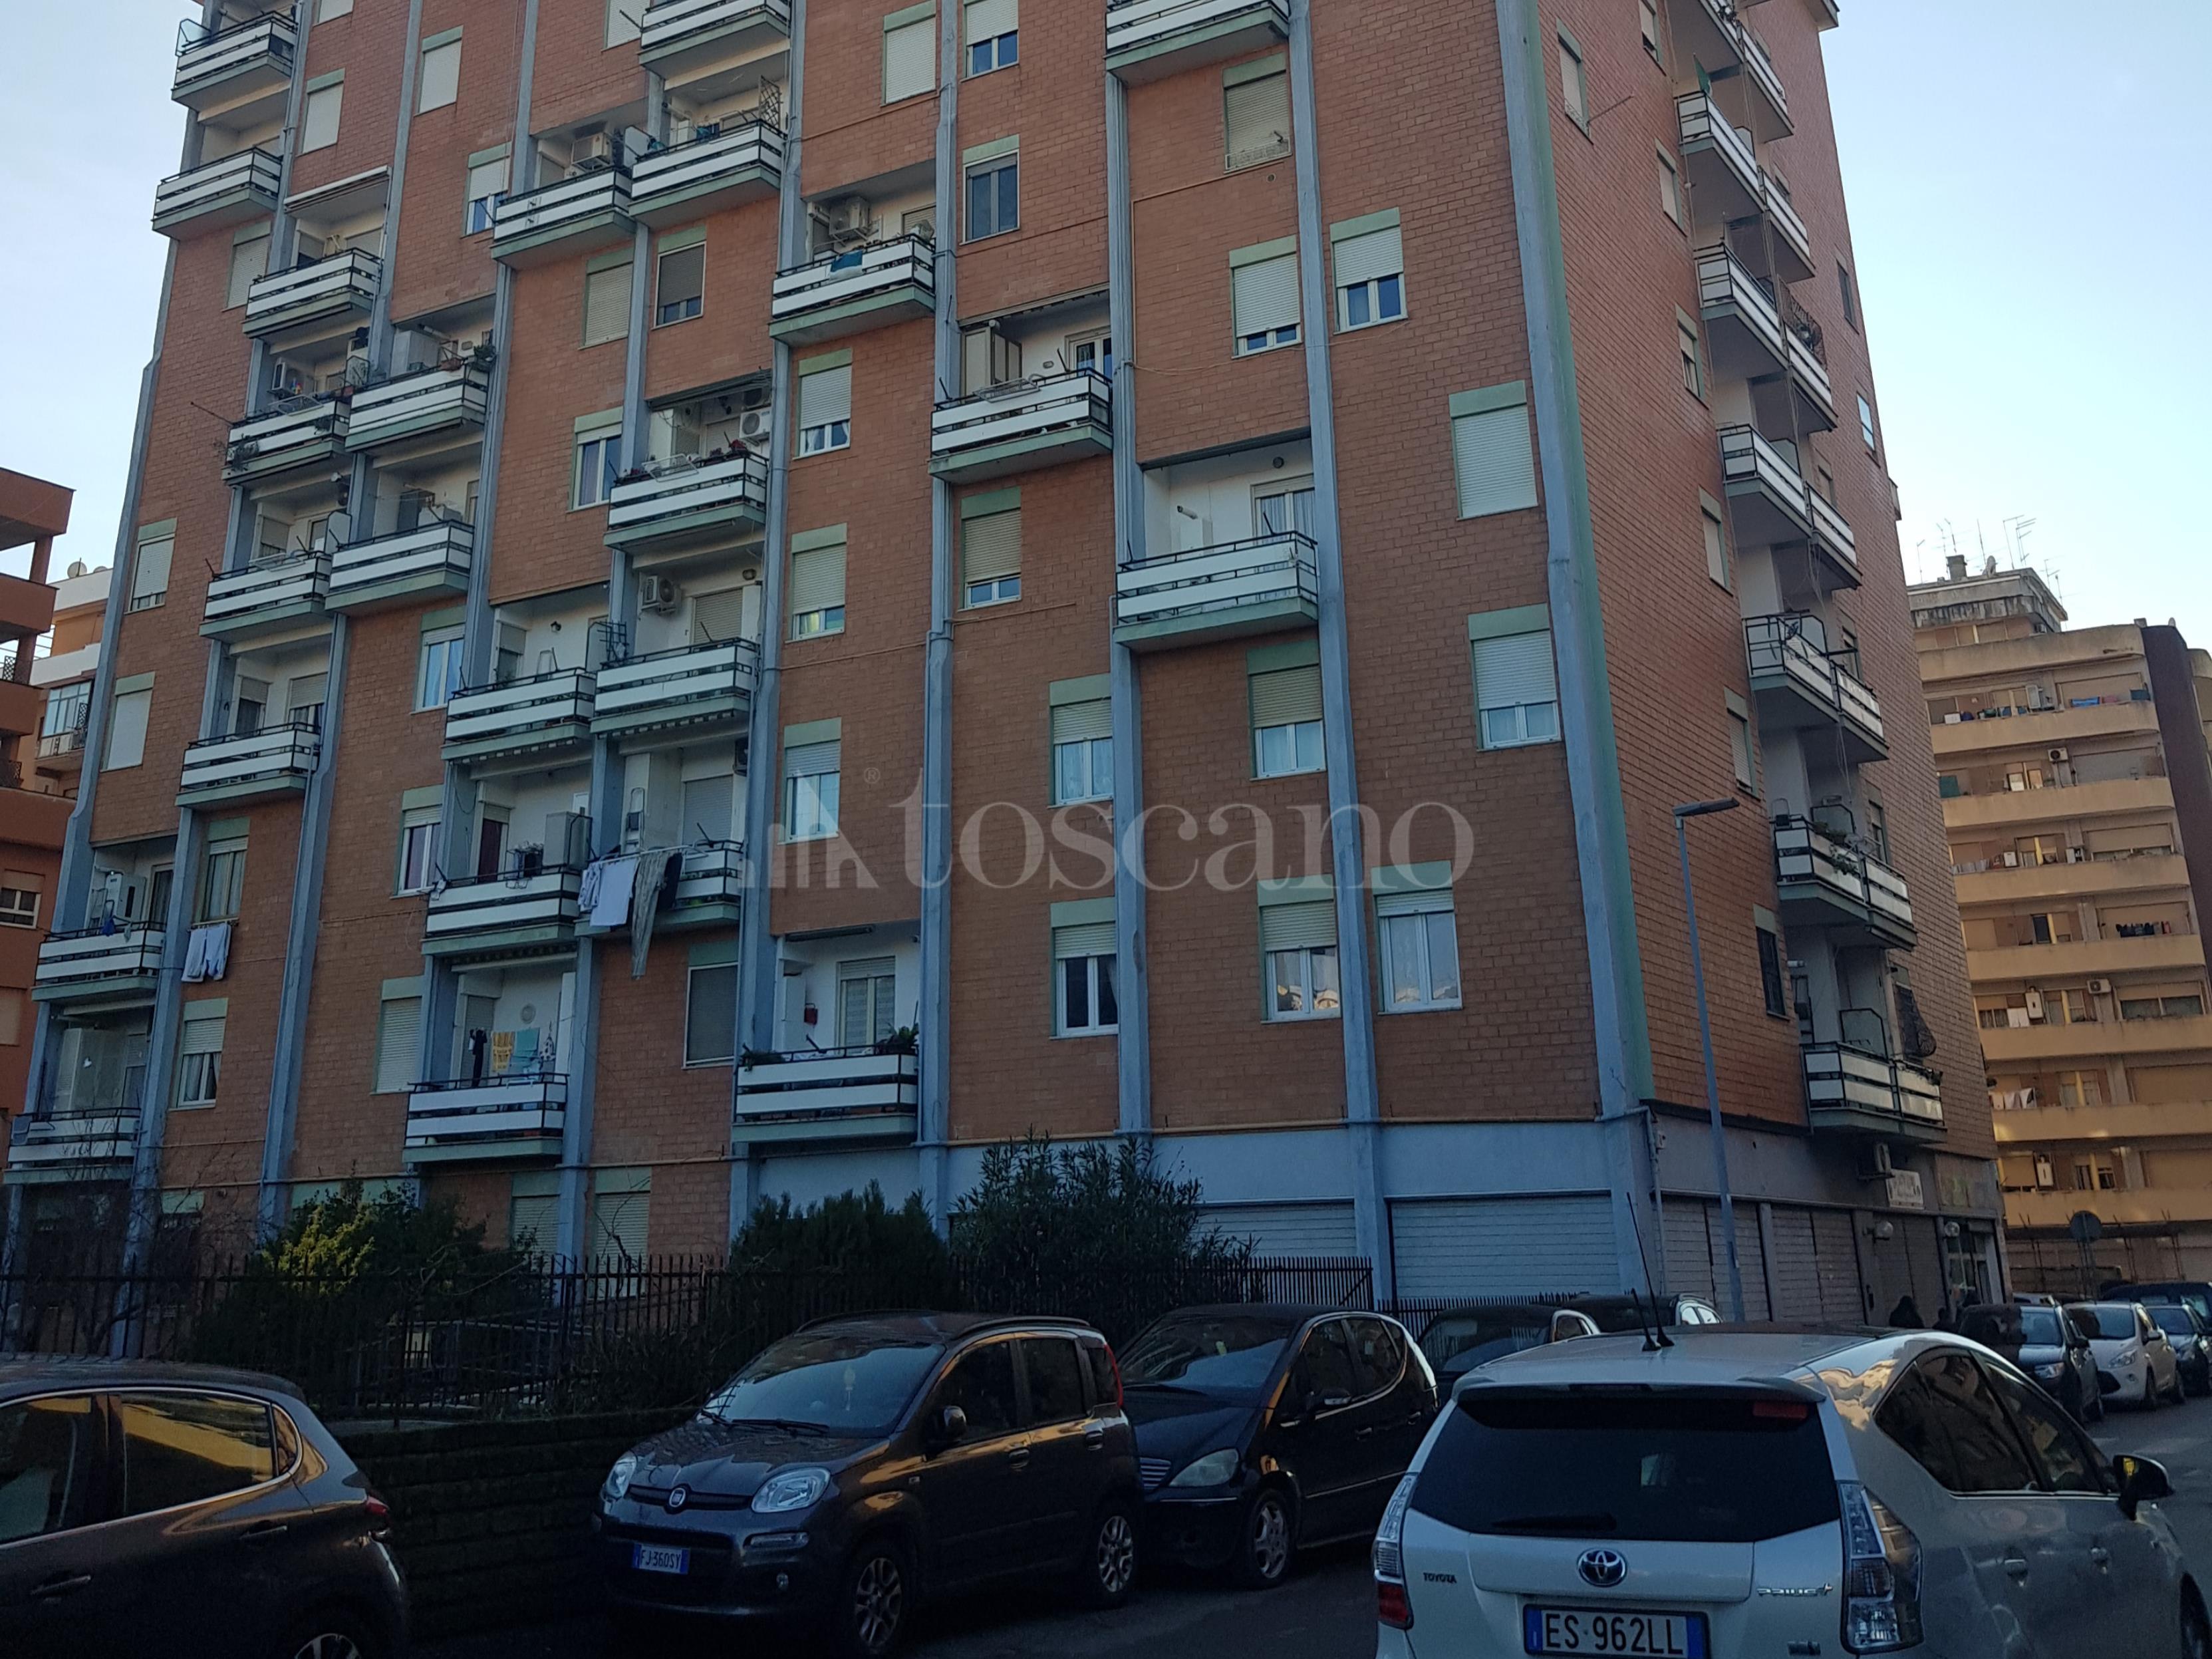 Casa in vendita di 70 mq a €119.000 (rif. 2/2021)